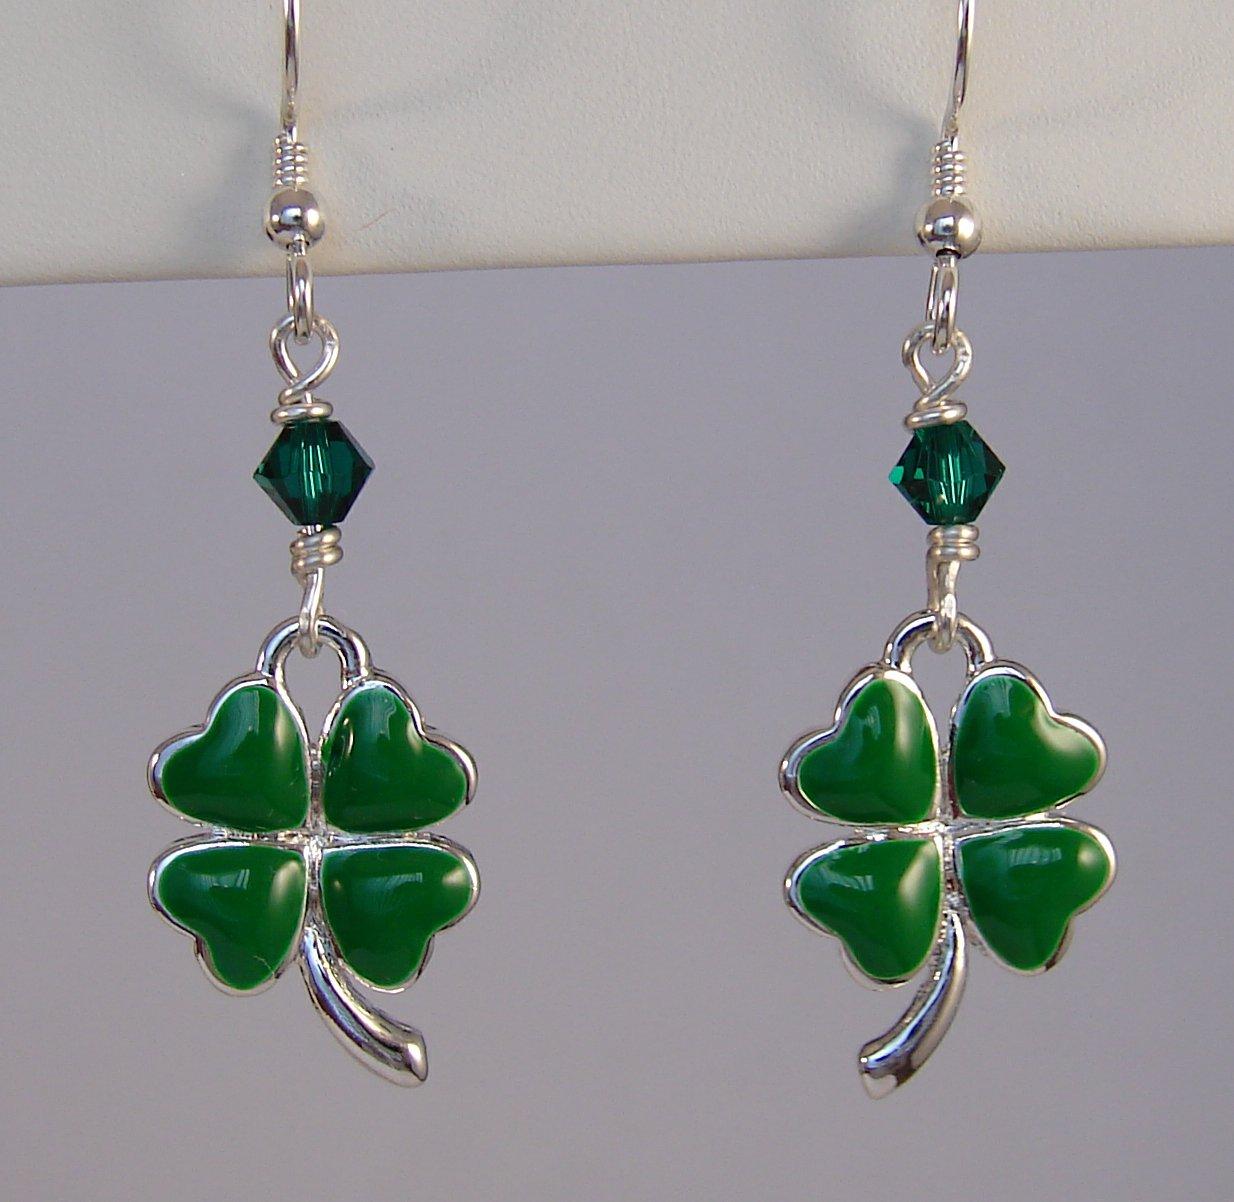 Green Clover / Shamrock  St. Patrick's Day Earrings - E147